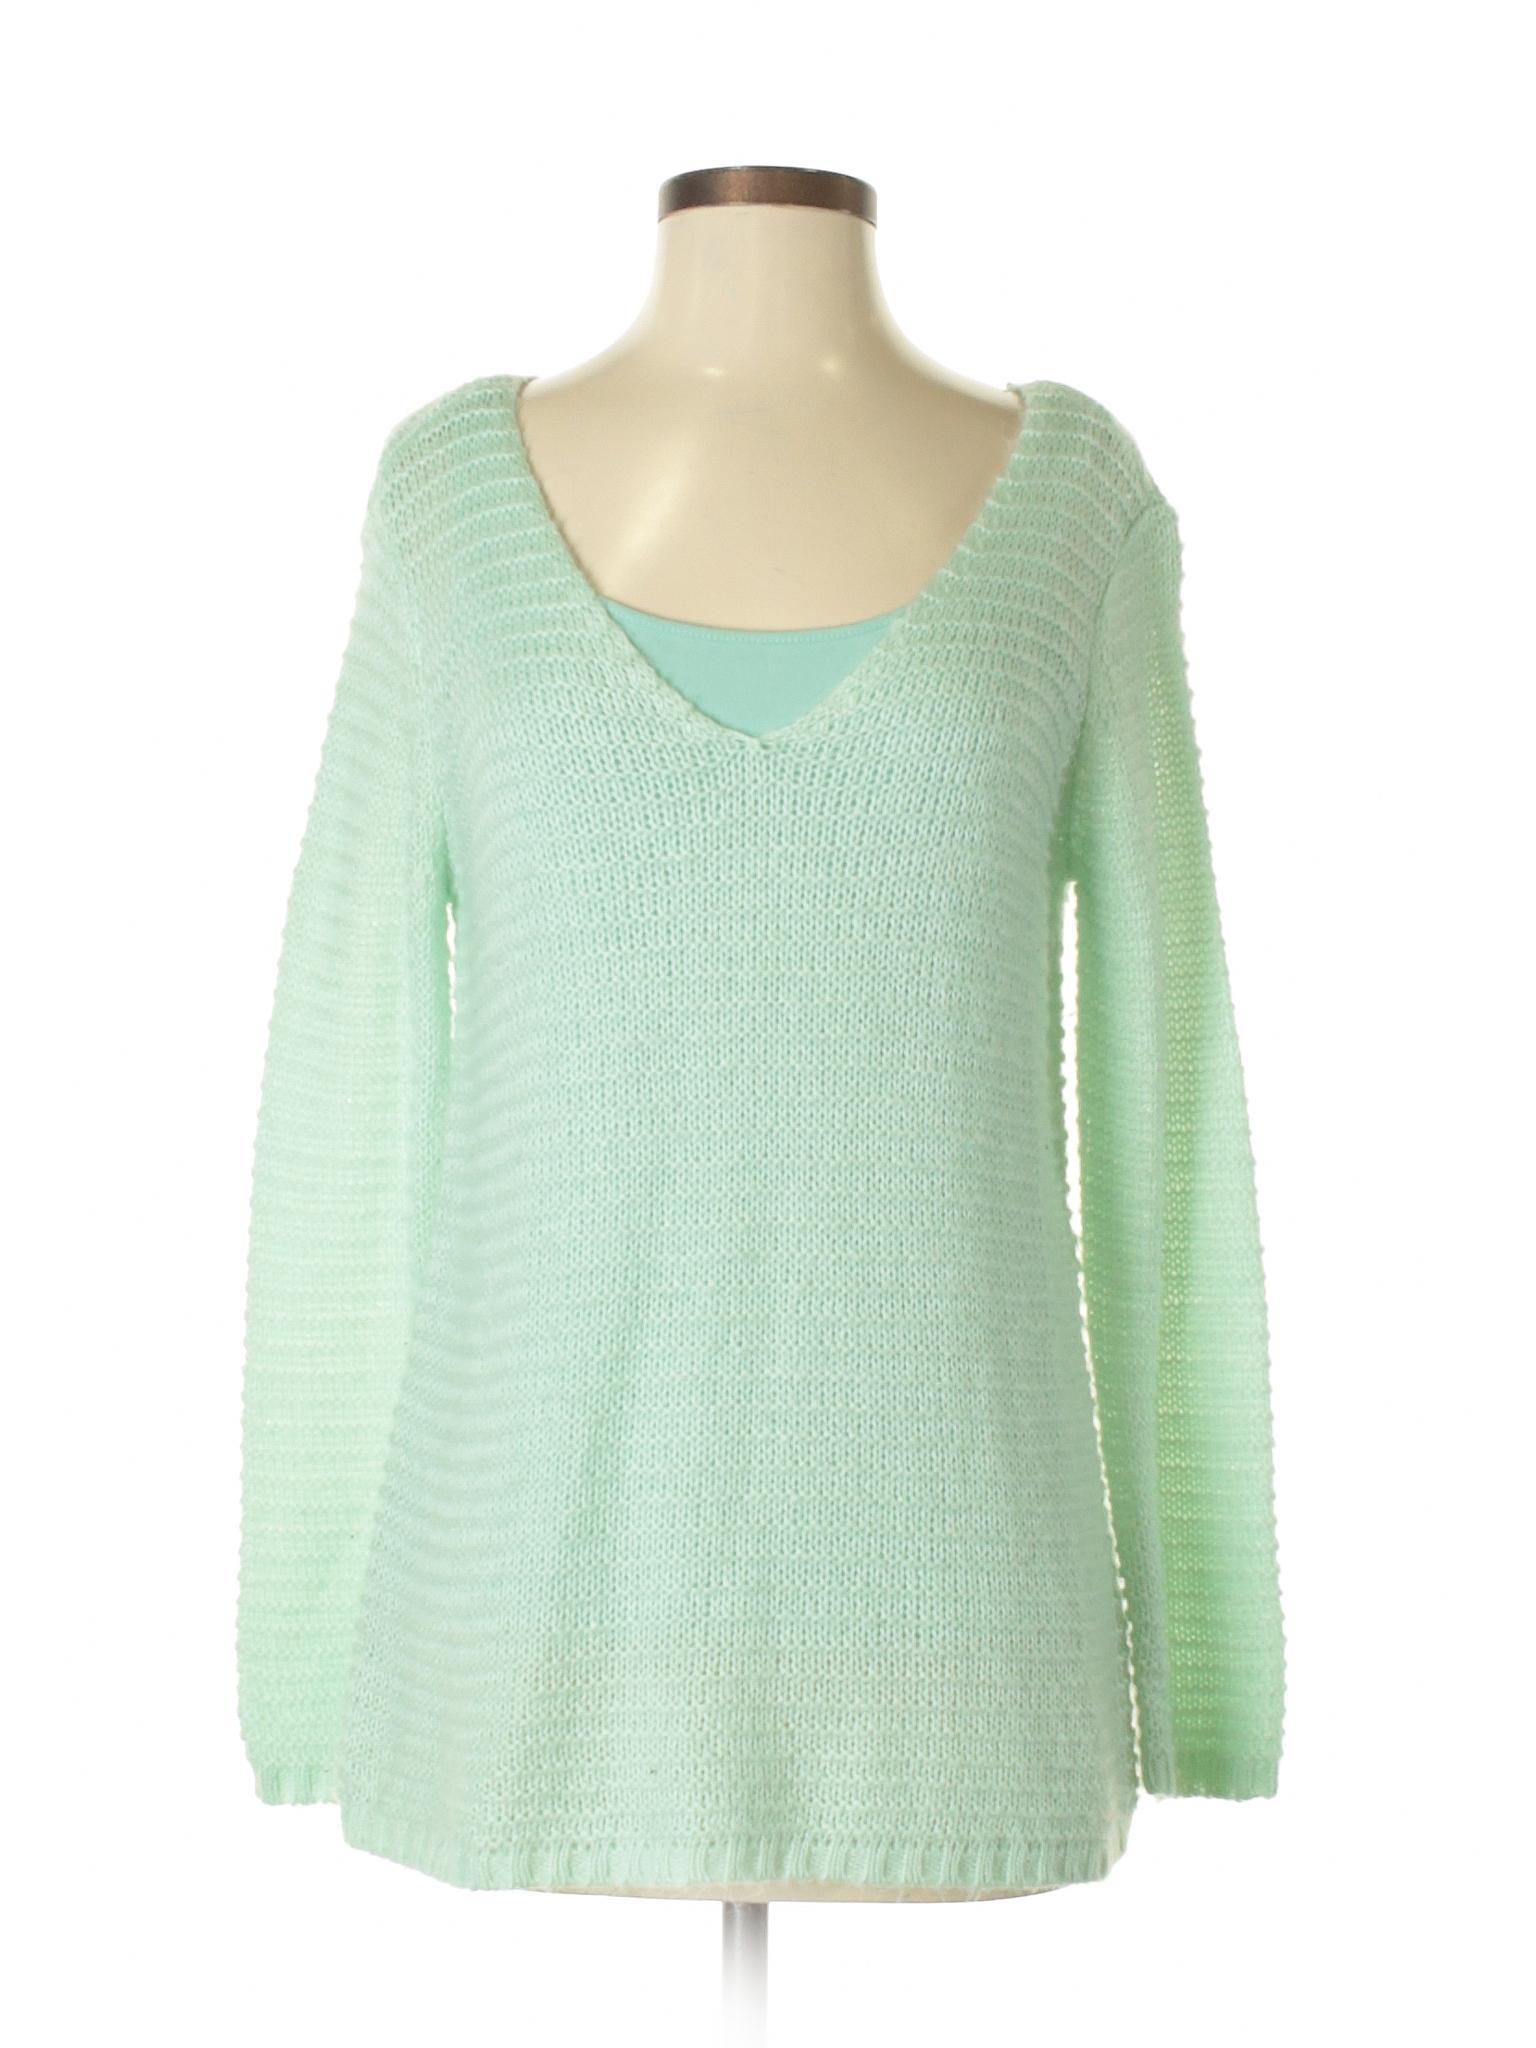 Sweater amp;M Pullover Boutique H Boutique H qXHt6